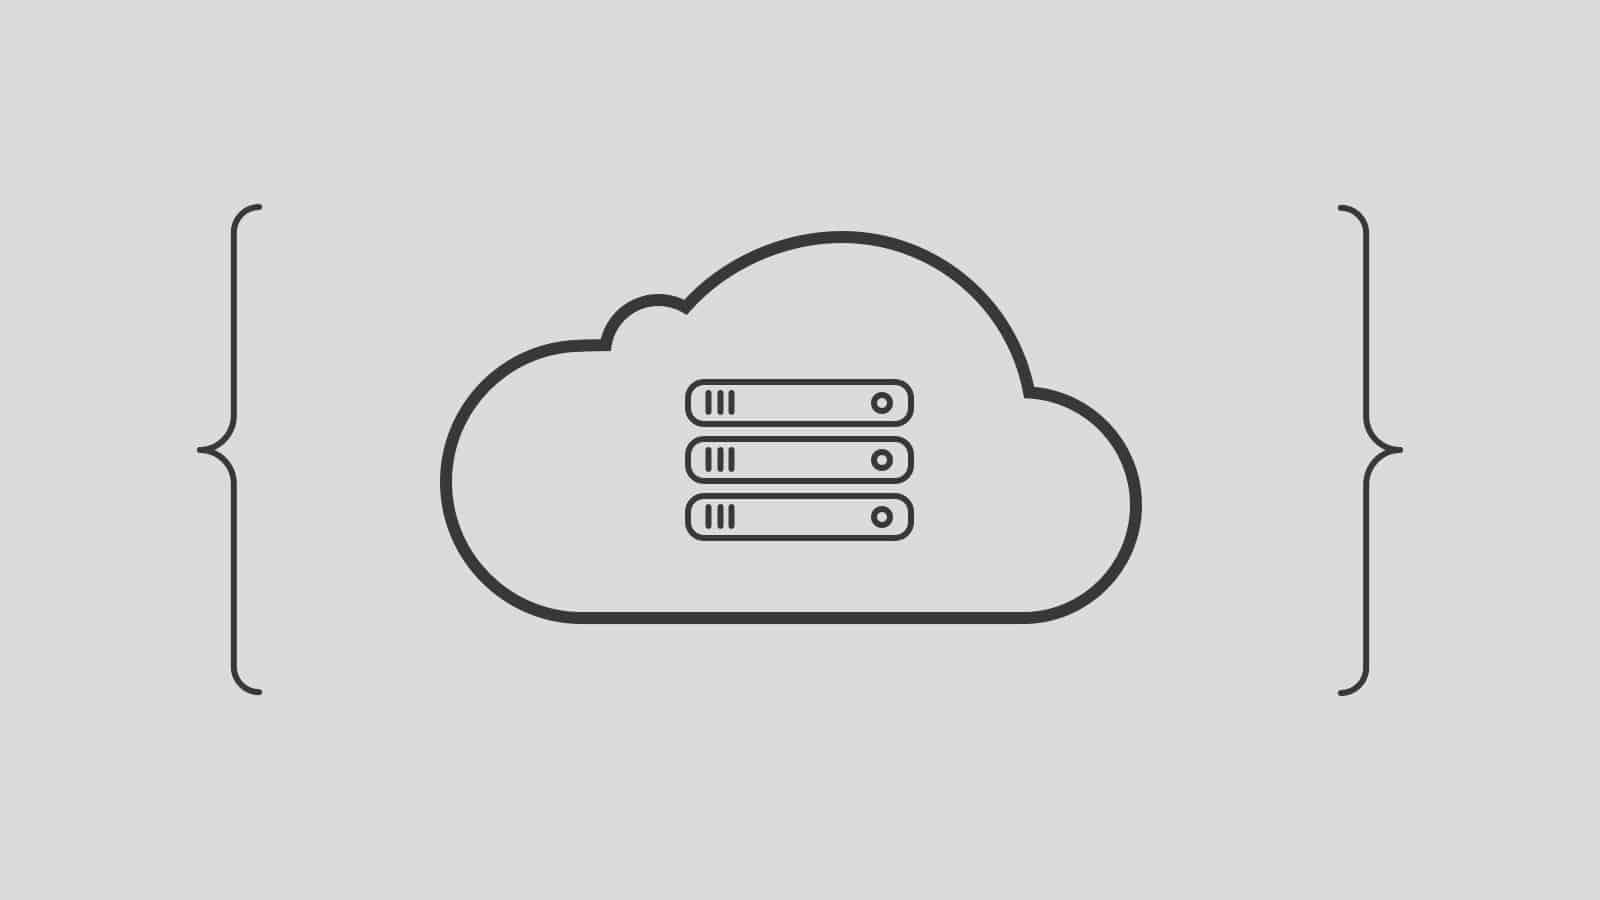 Το σύστημα ασφαλείας πρέπει να χρησιμοποιεί cloud server